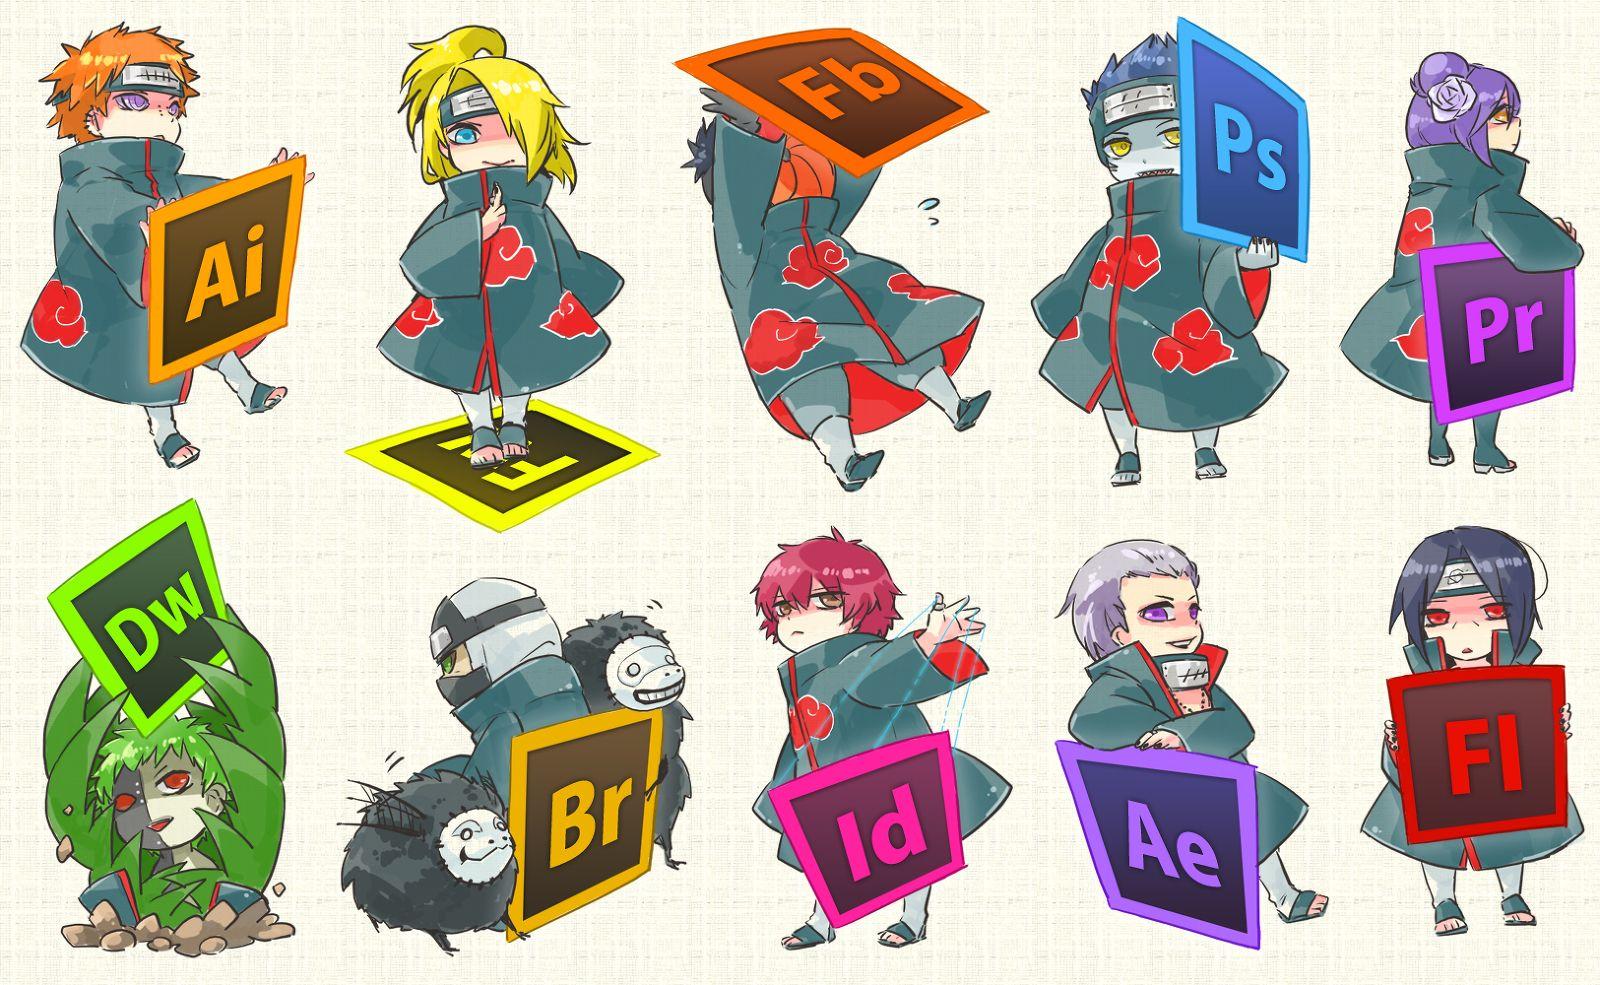 Tags: Akatsuki, NARUTO, Deidara, Sasori, Pixiv, Hidan, Tobi, Uchiha Itachi, Konan, Kakuzu, Zetsu, Hoshigaki Kisame, Pein, Uchiha Obito, Kiri...